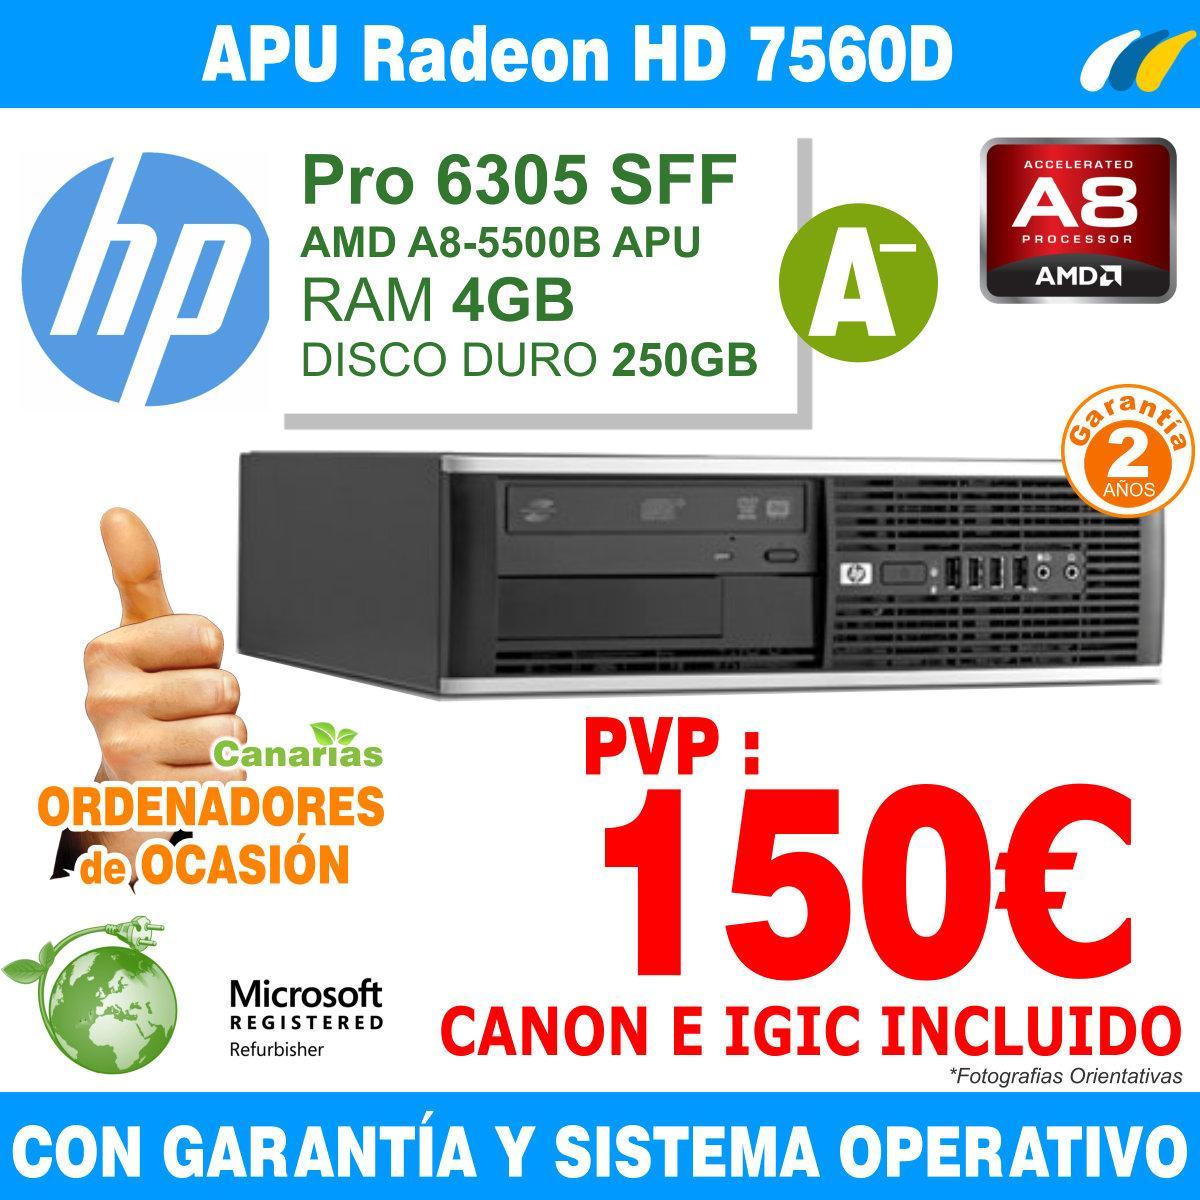 AMD A8-5500B APU 3.20 GHz 8GB 320GB - Hp Pro 6305 SFF